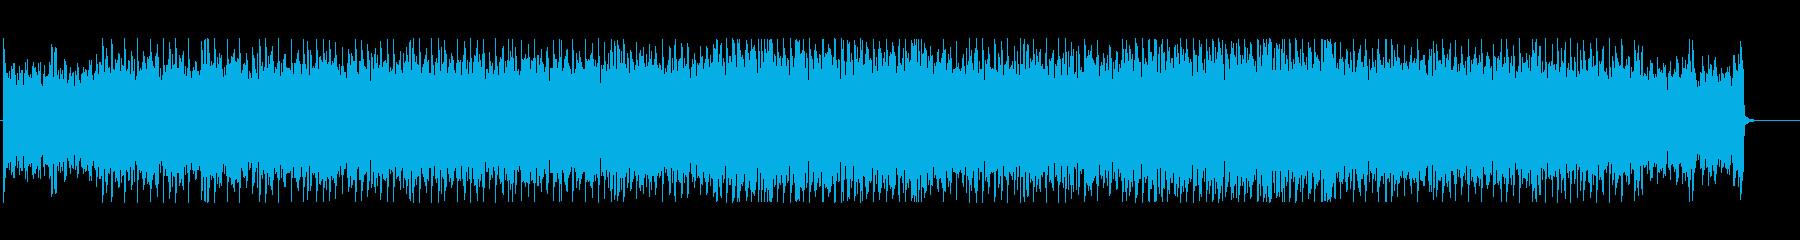 アンニュイな雰囲気のテクノBGMの再生済みの波形